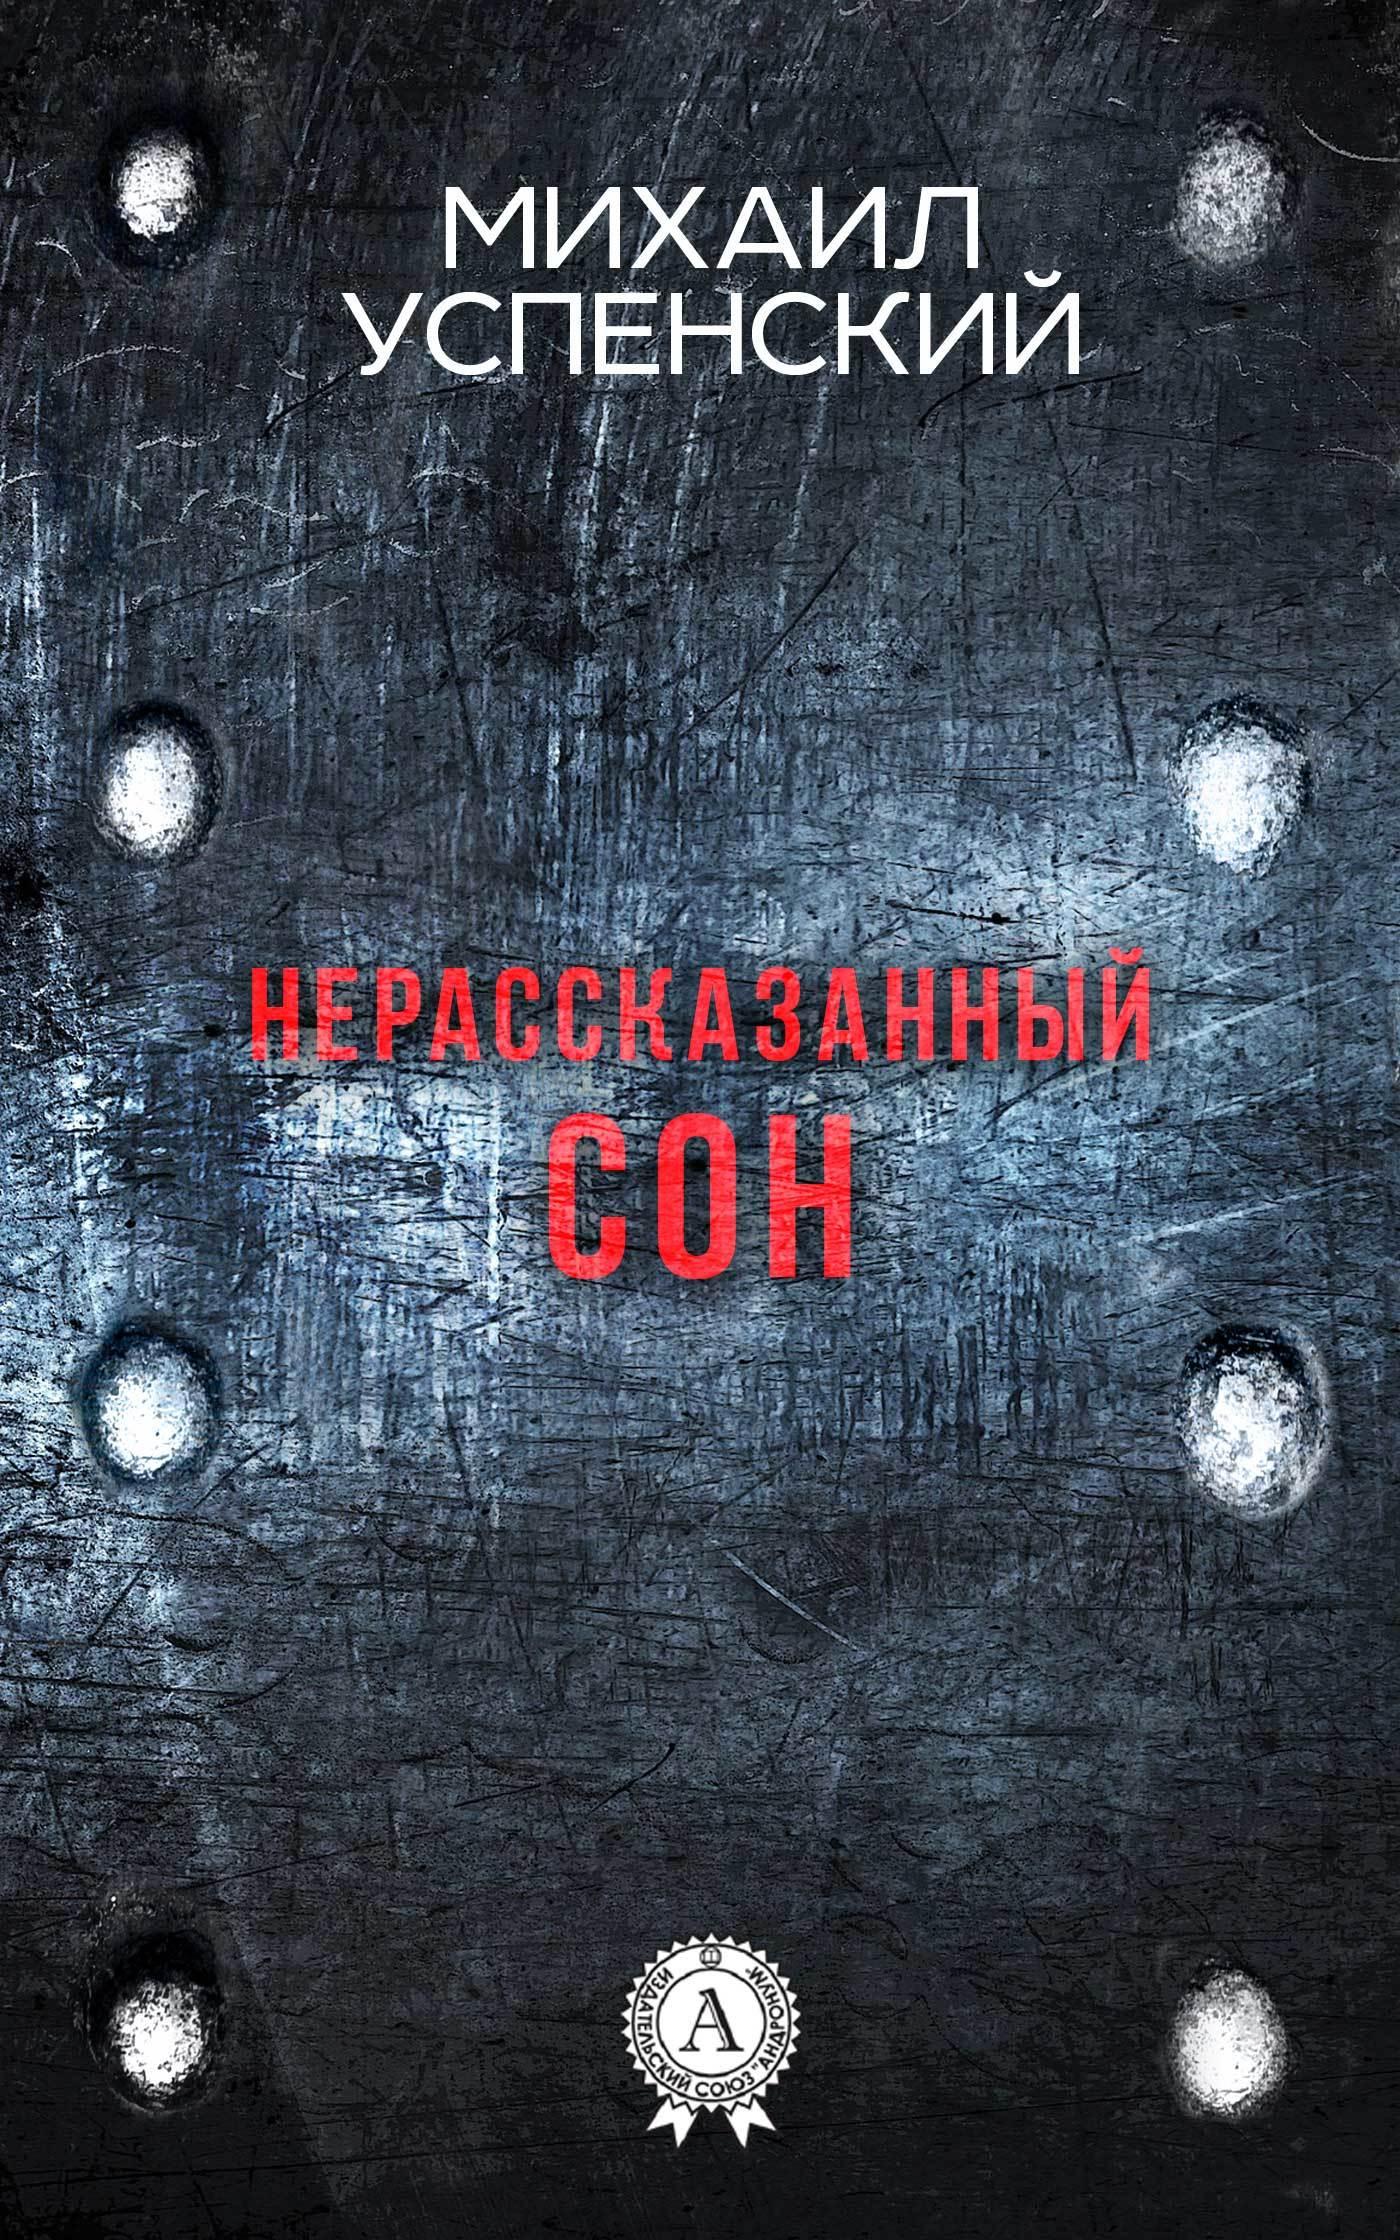 Михаил Успенский Нерассказанный сон ISBN: 9781387489824 электротовары в южно сахалинске